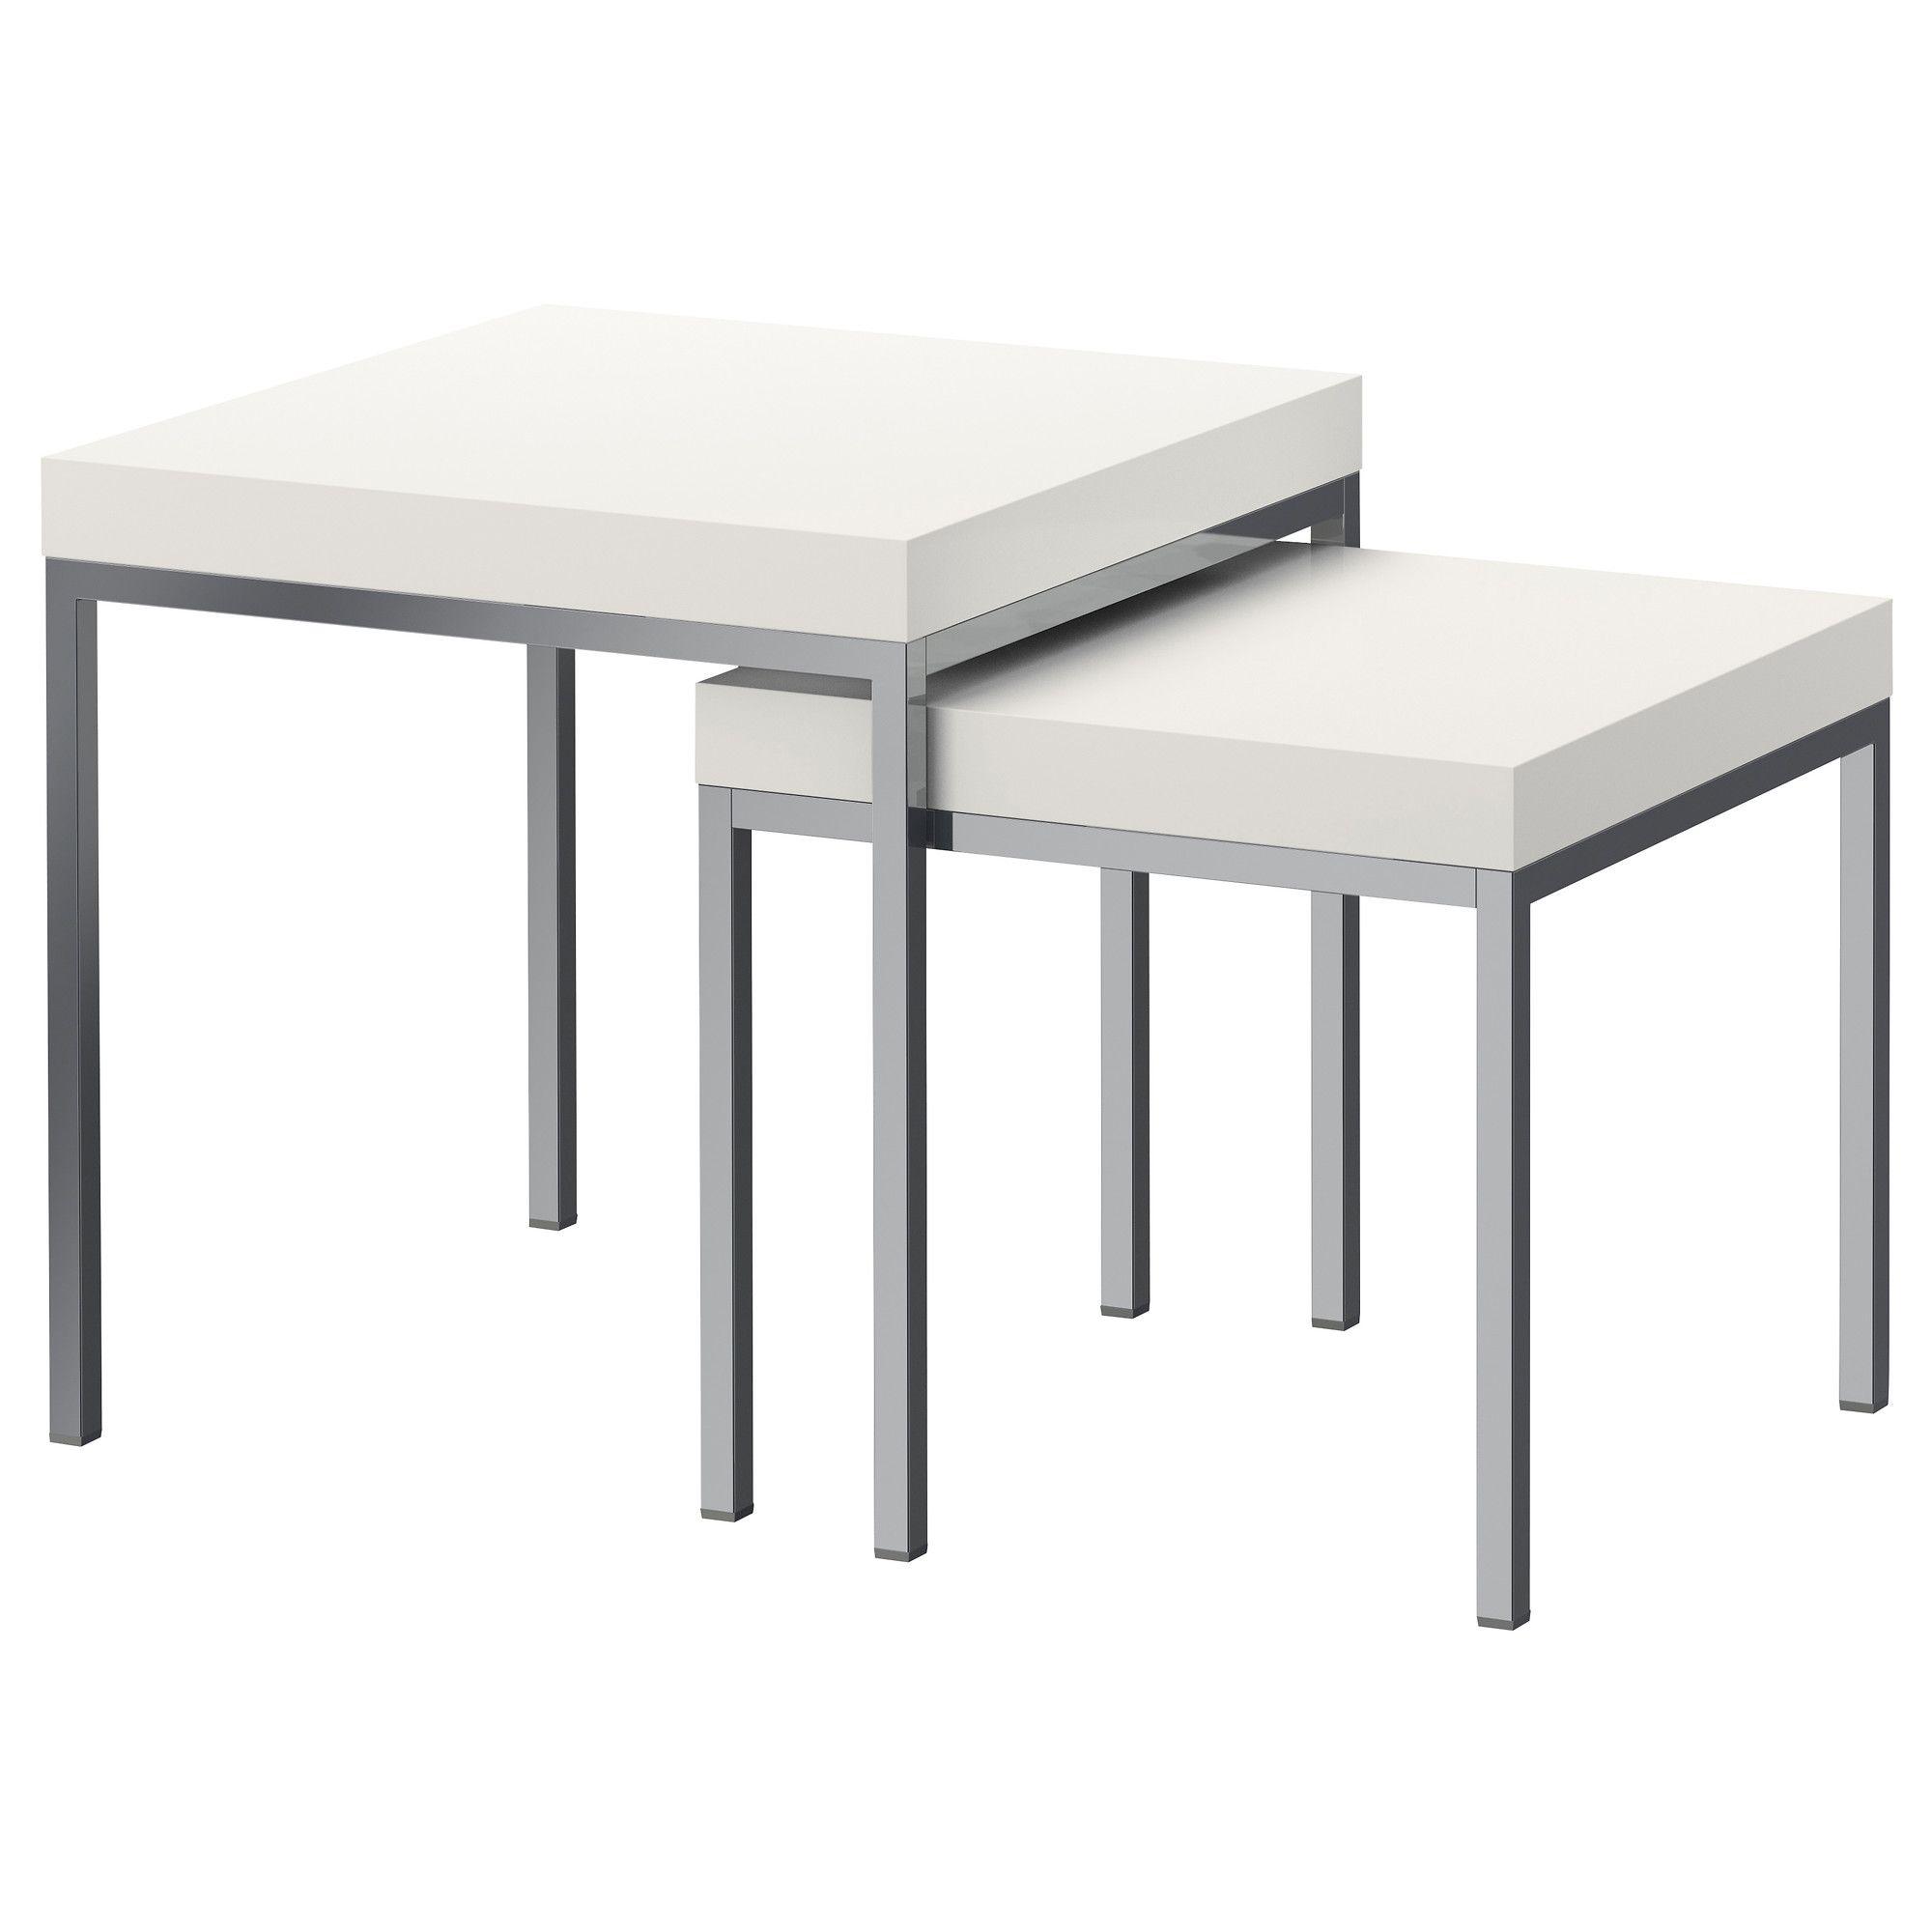 KLUBBO Nest of tables, set of 2